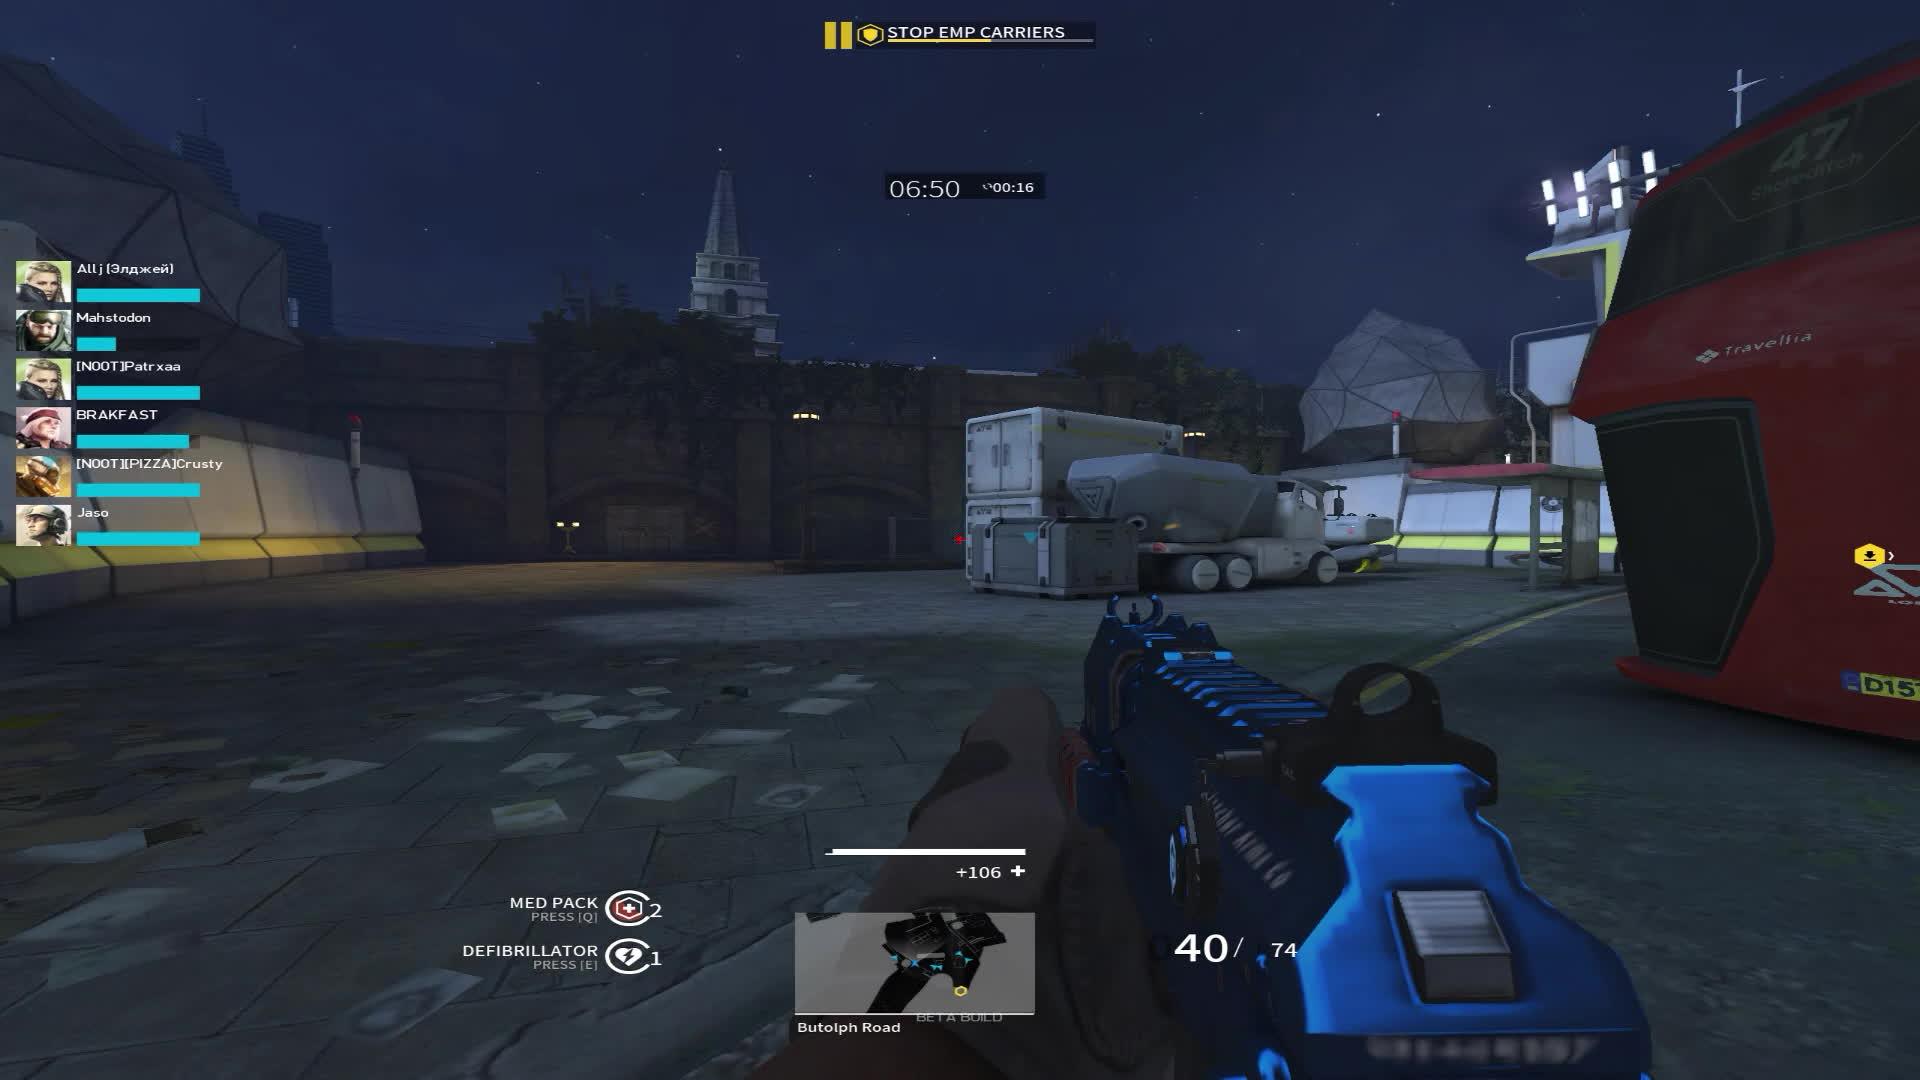 dirtybomb, bus jump GIFs